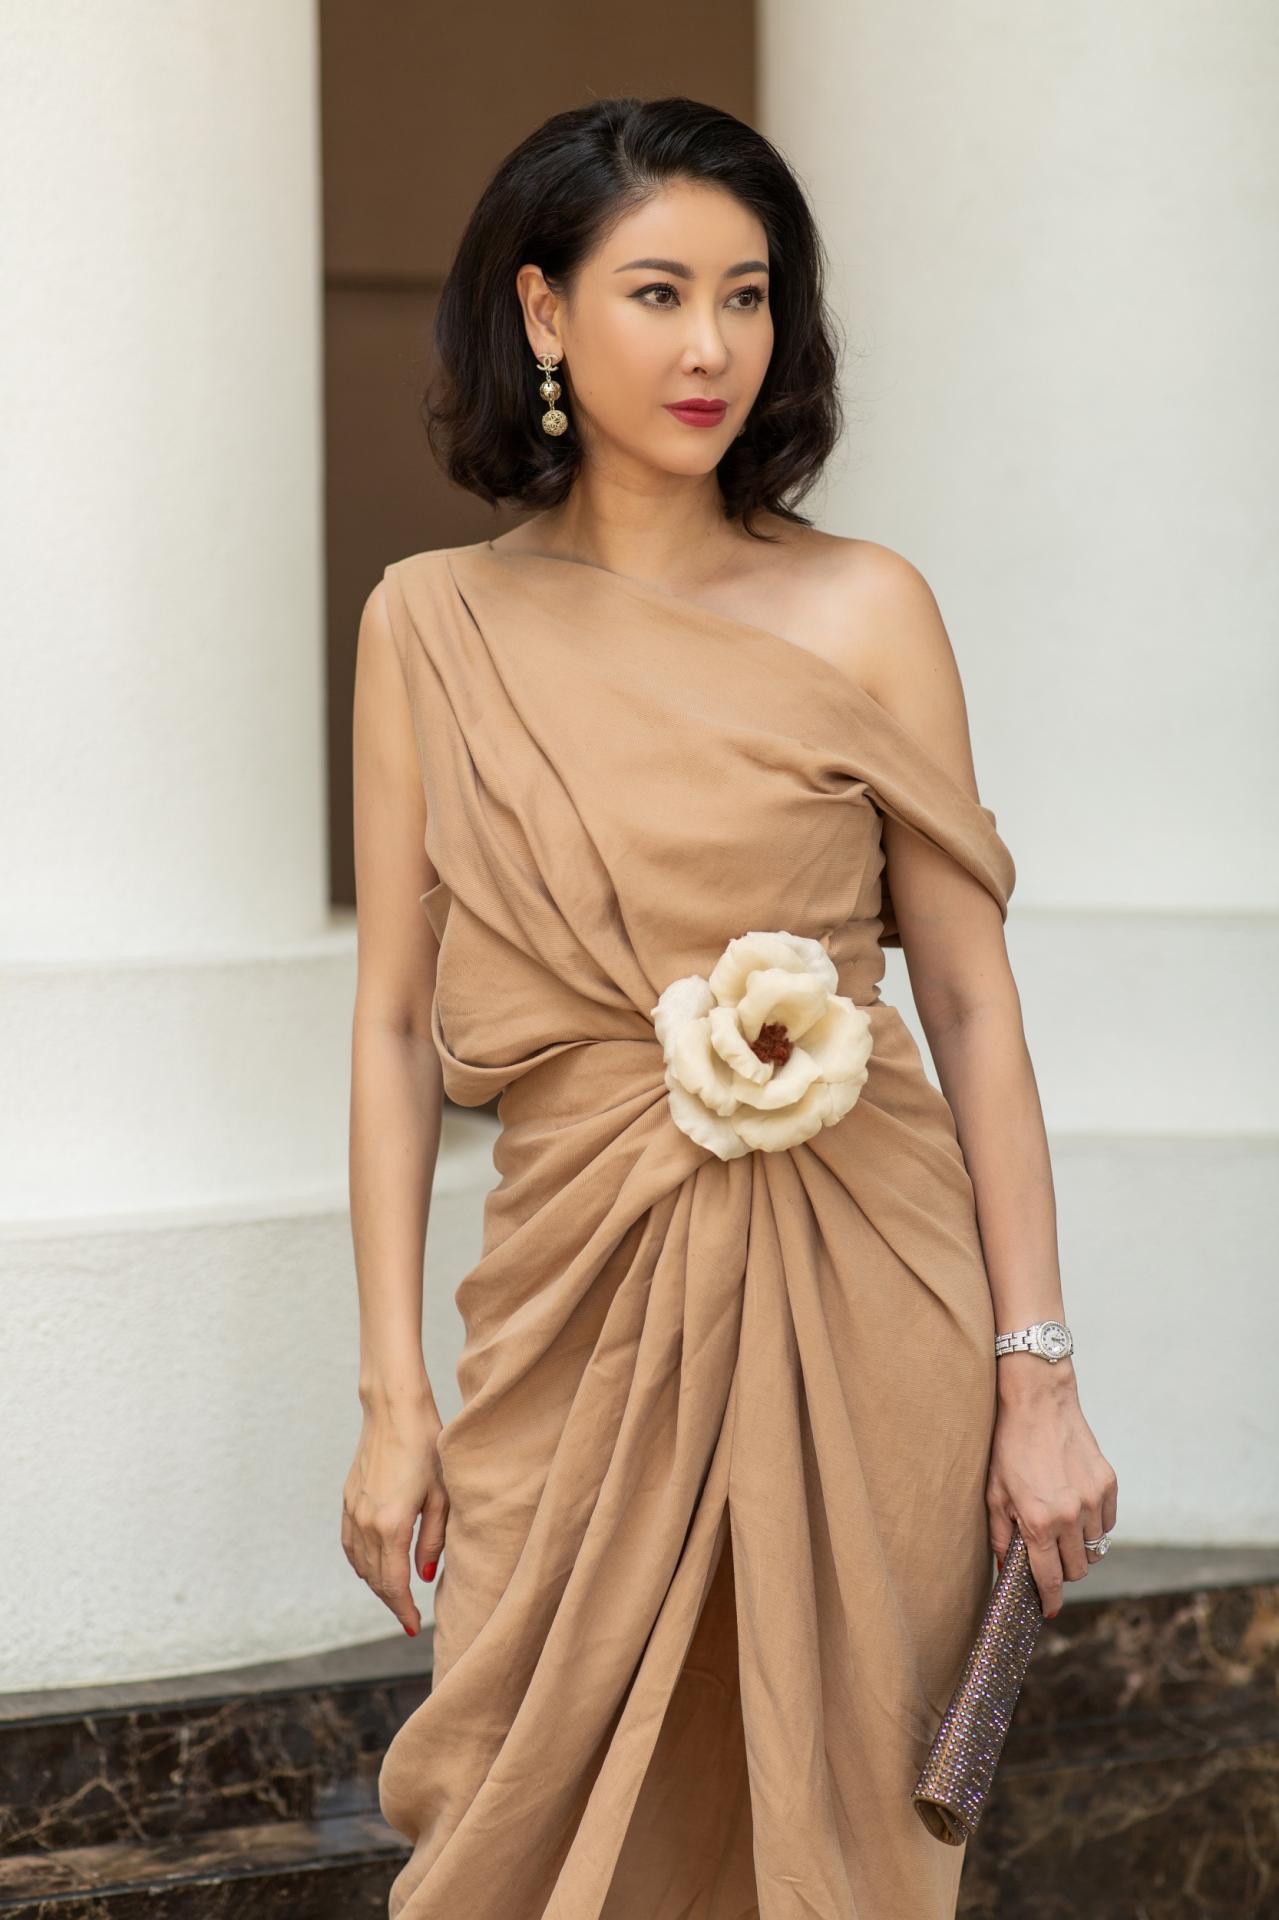 Đỉnh cao nhan sắc dàn Hoa hậu U40, U50 của Vbiz: Đăng quang cả thập kỷ vẫn giữ trọn vẻ đẹp như thời thanh xuân - Ảnh 2.